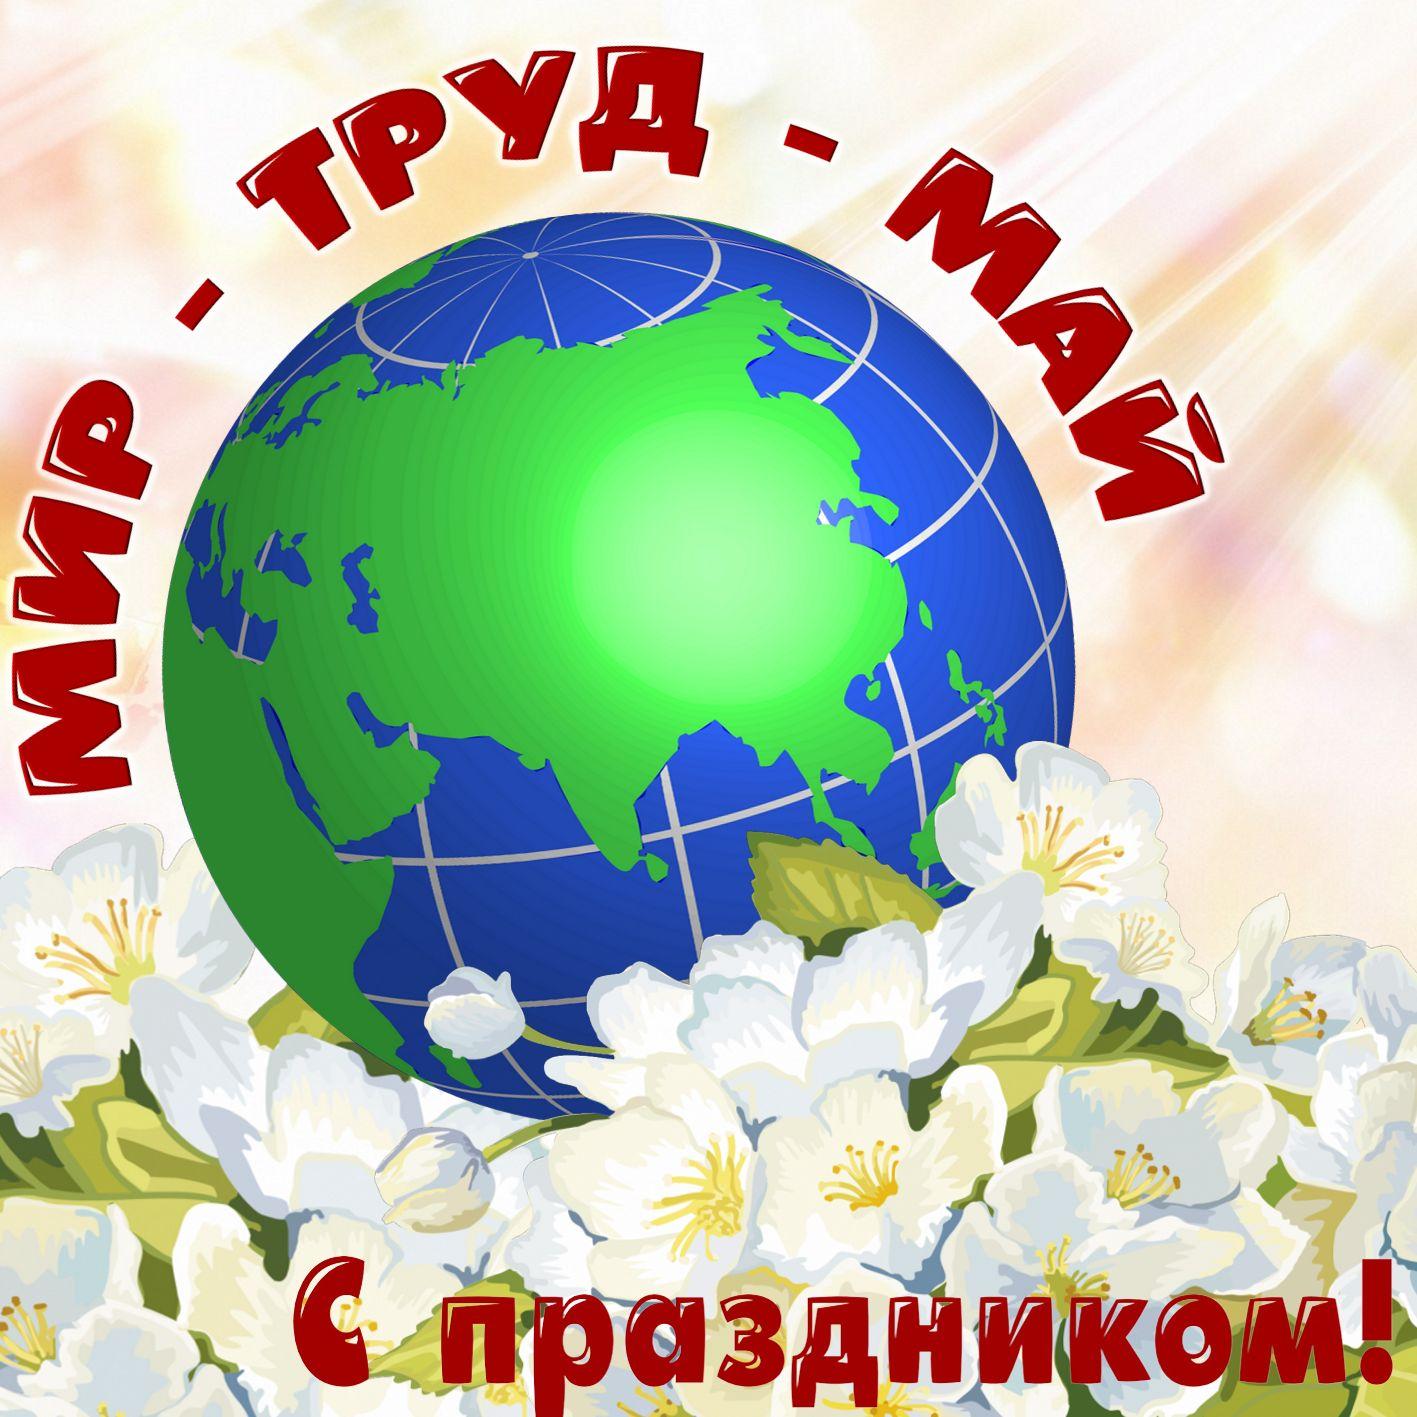 Открытки с праздником мир труд май